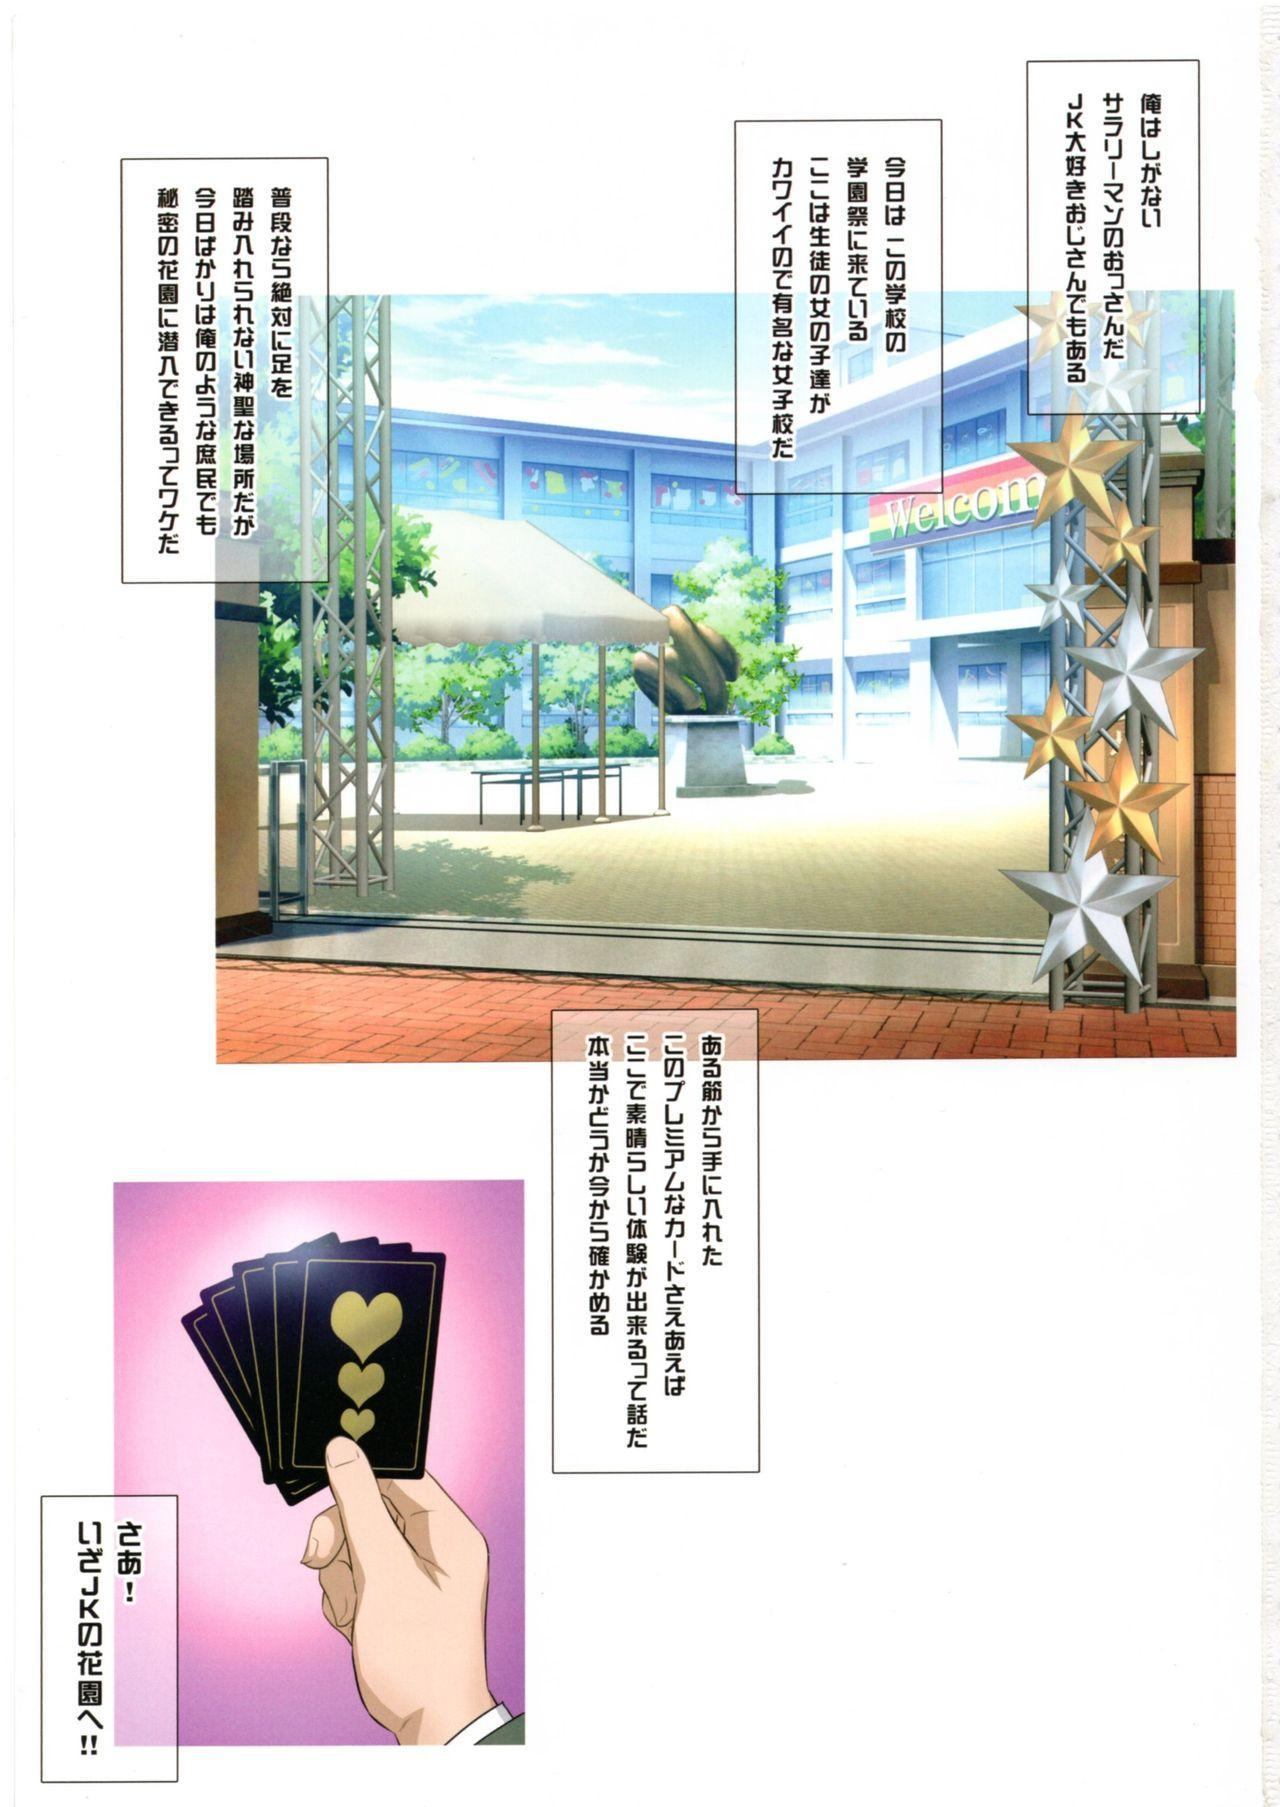 Yorokobi no Kuni Vol.31 JK Fuuzoku Gakuensai 1 1